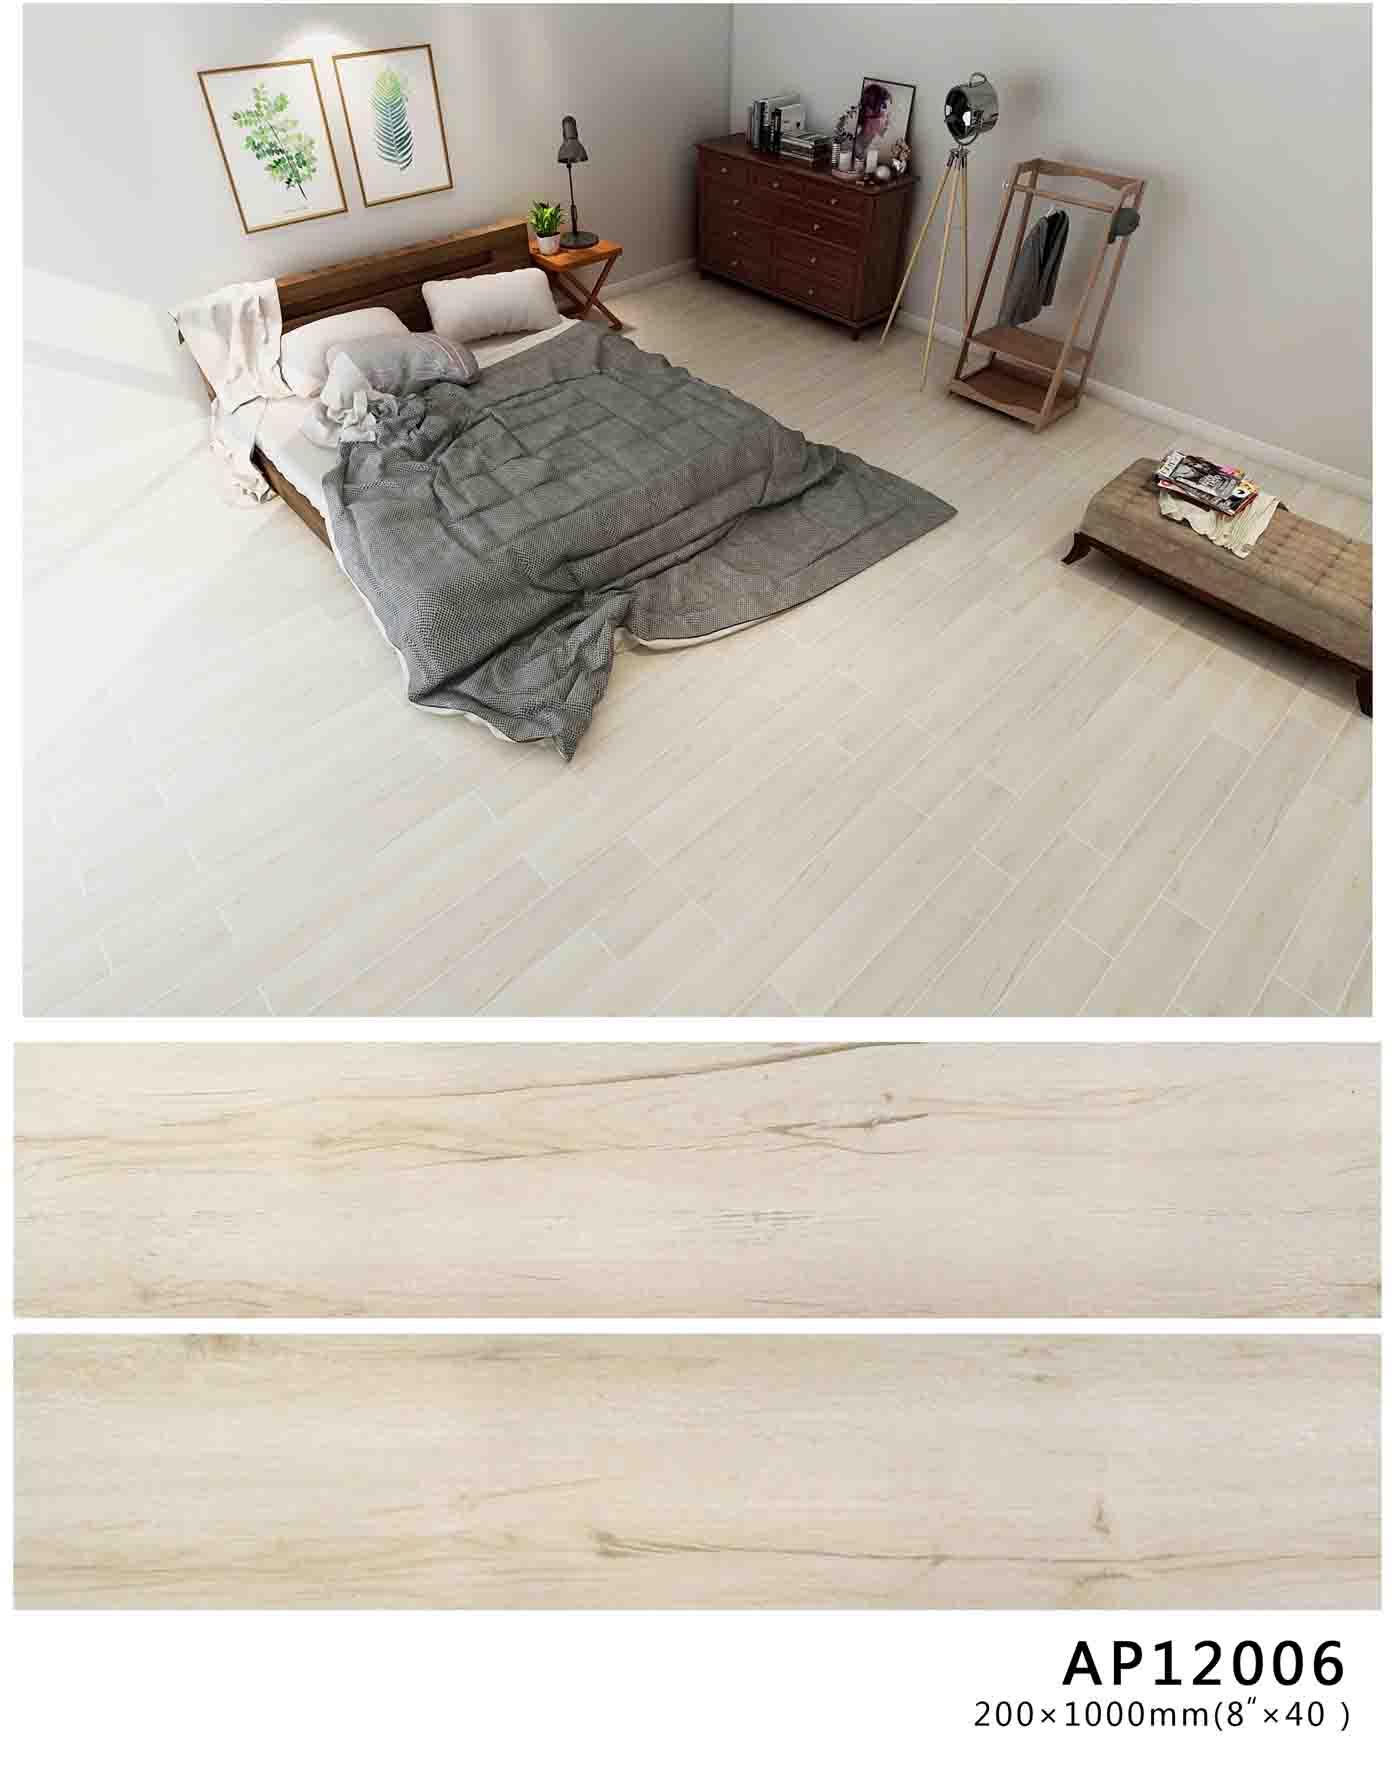 白色木纹砖-玉金山木纹瓷砖工厂-海南全瓷木纹砖生产工厂A